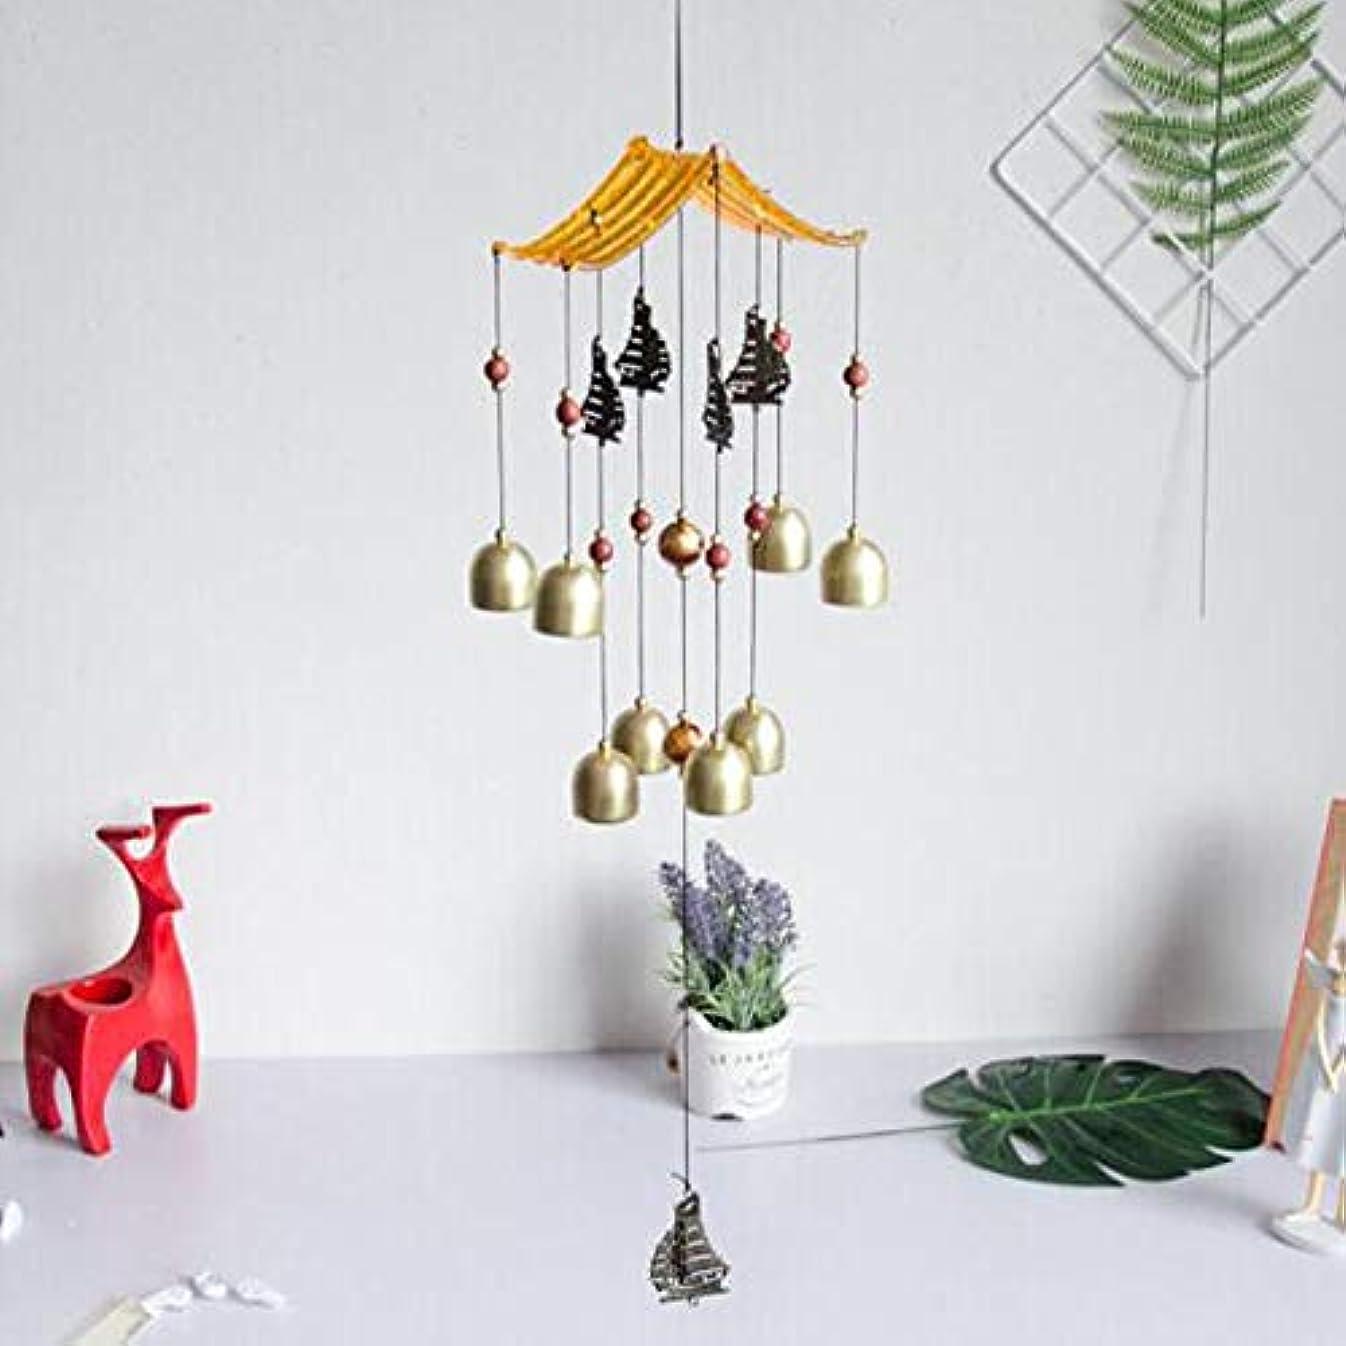 離れた未満満足させるHongyuantongxun 風チャイム、金属銅鐘ホームデコレーション、ブラック、サイズ62 * 13CM,、装飾品ペンダント (Color : Gold-A)